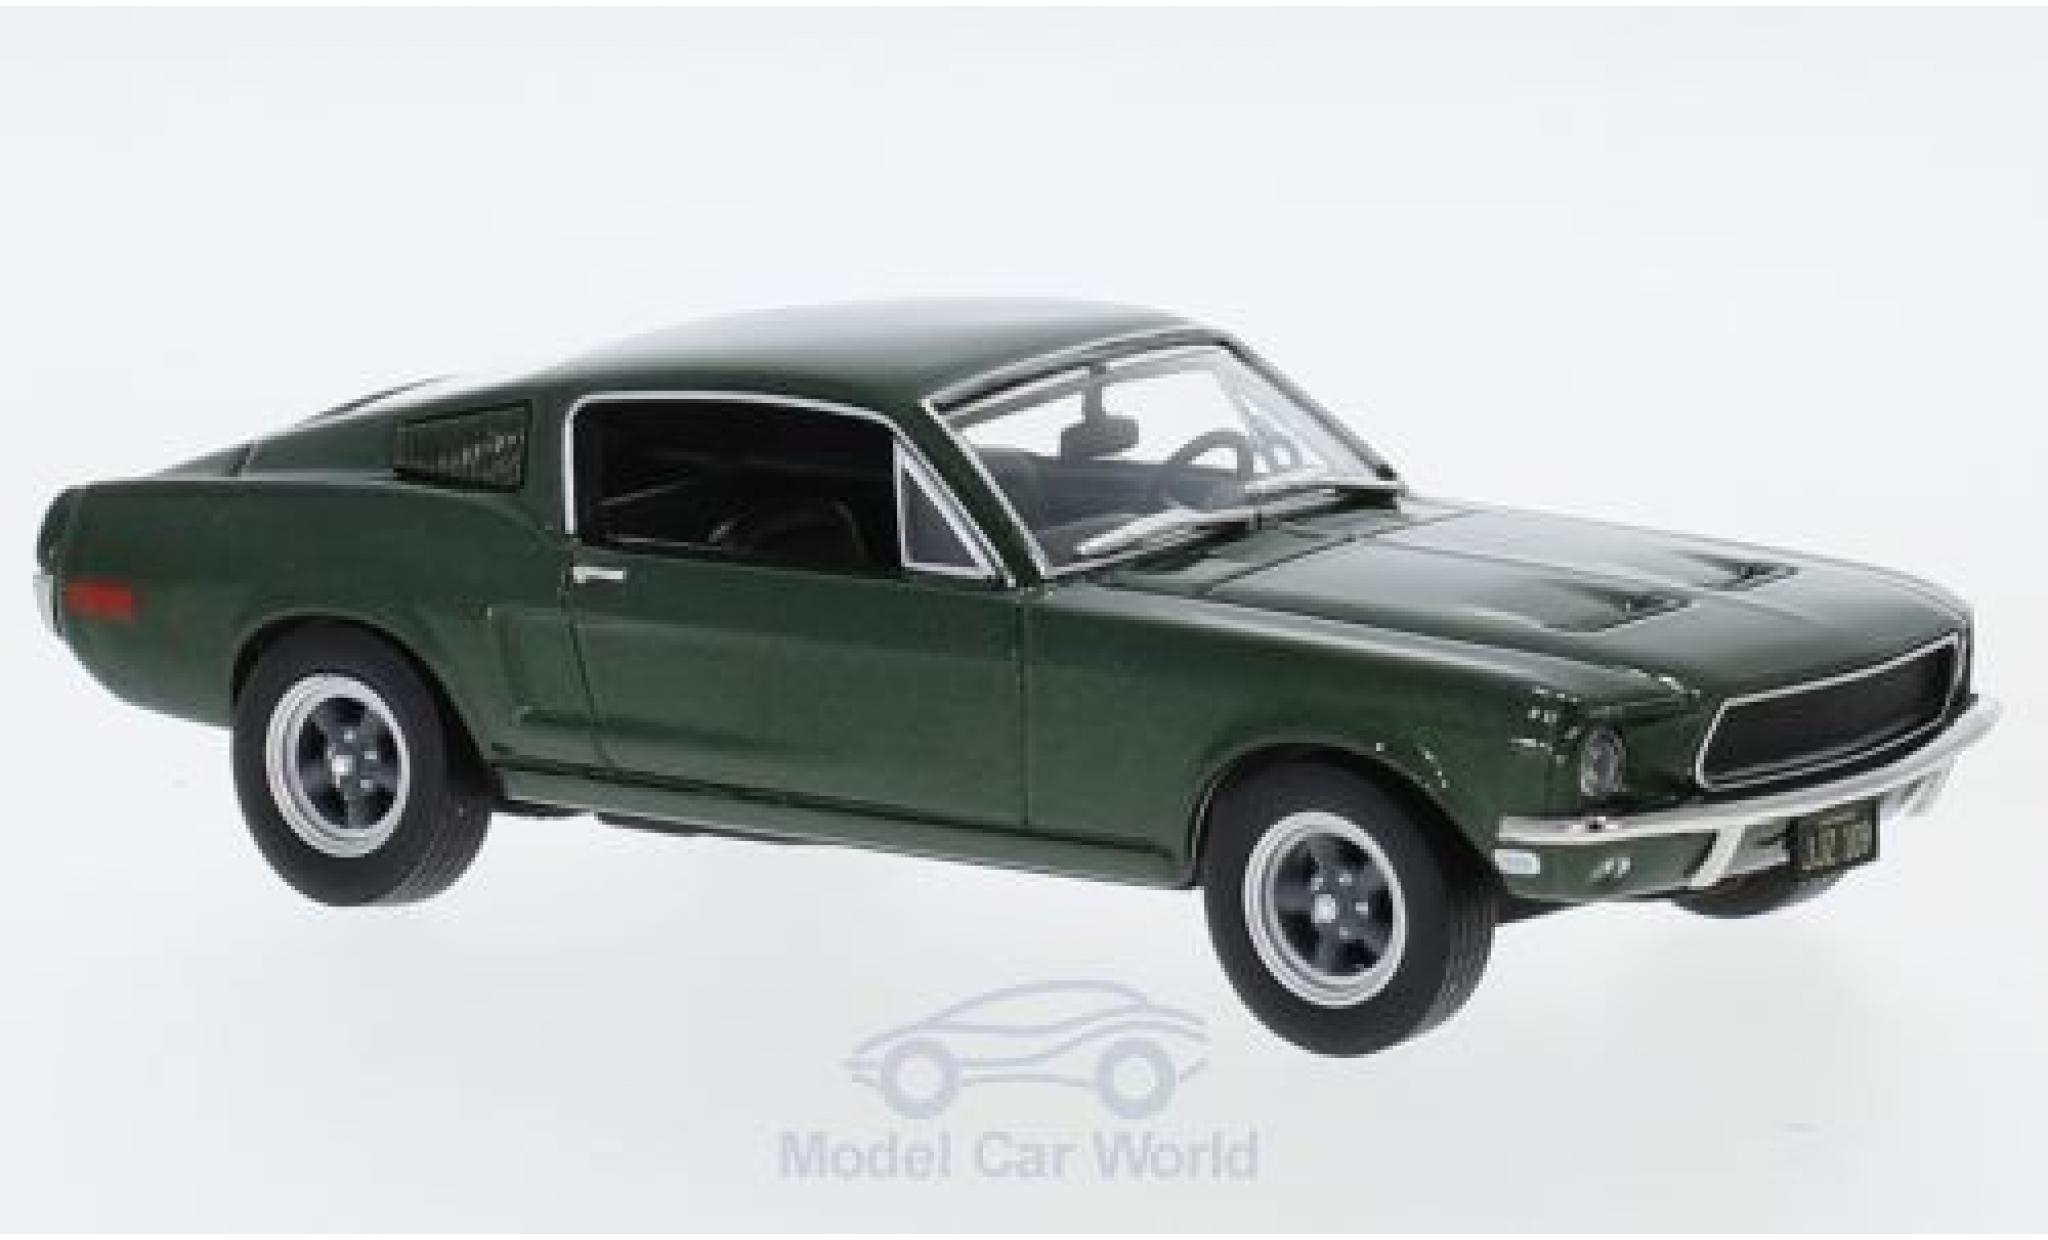 Ford Mustang GT 1/43 Greenlight metallise verte Bullitt 1968